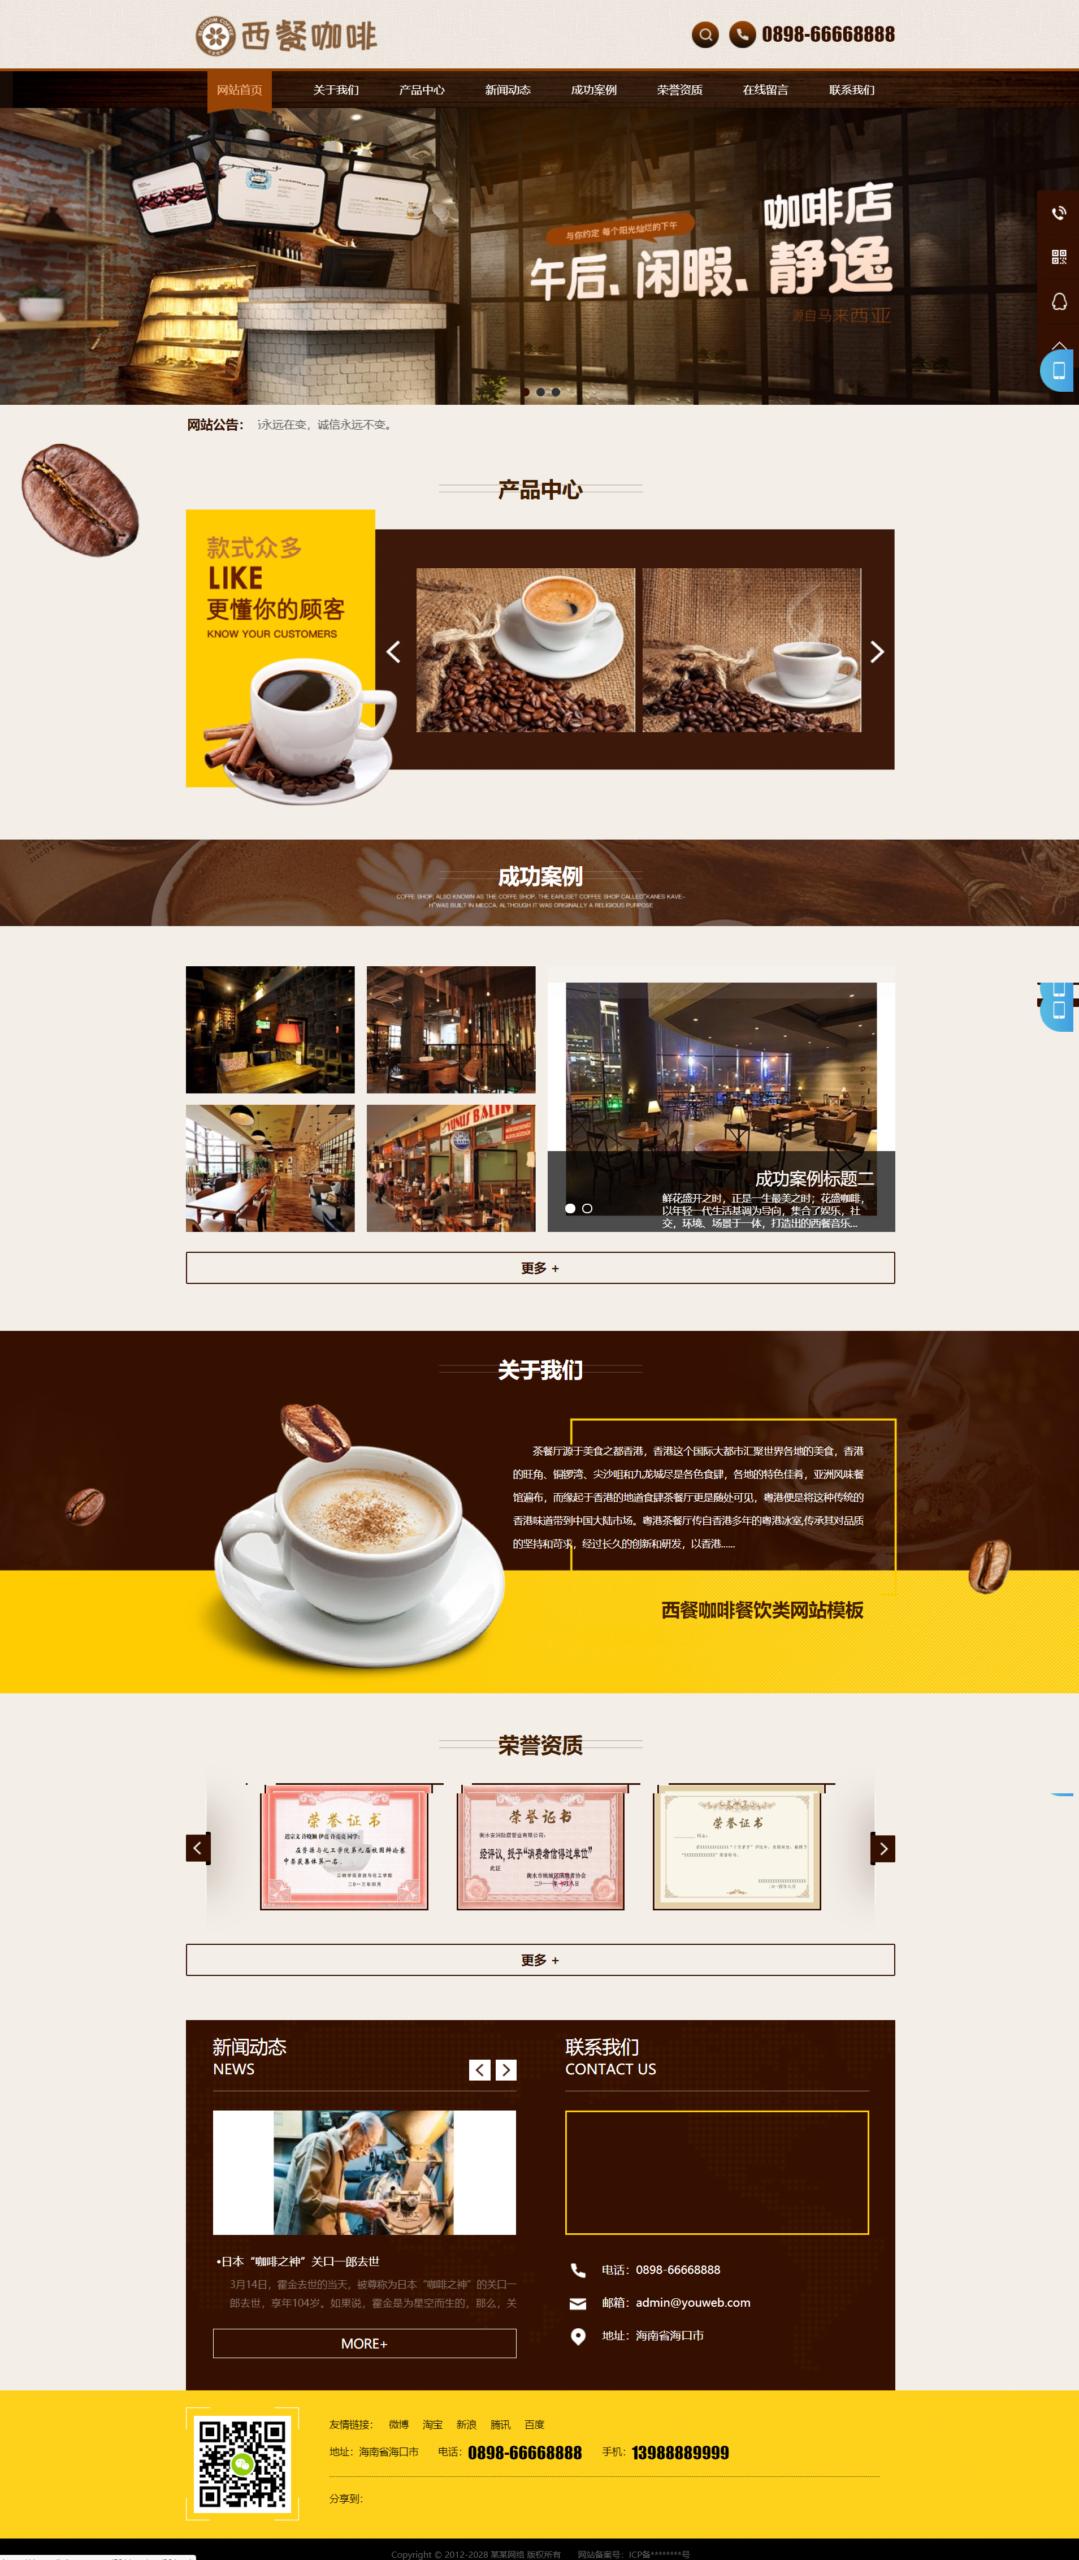 西餐咖啡餐饮类网站模板企业网站建站模板thinkphp5网站源码下载 带强大后台管理系统